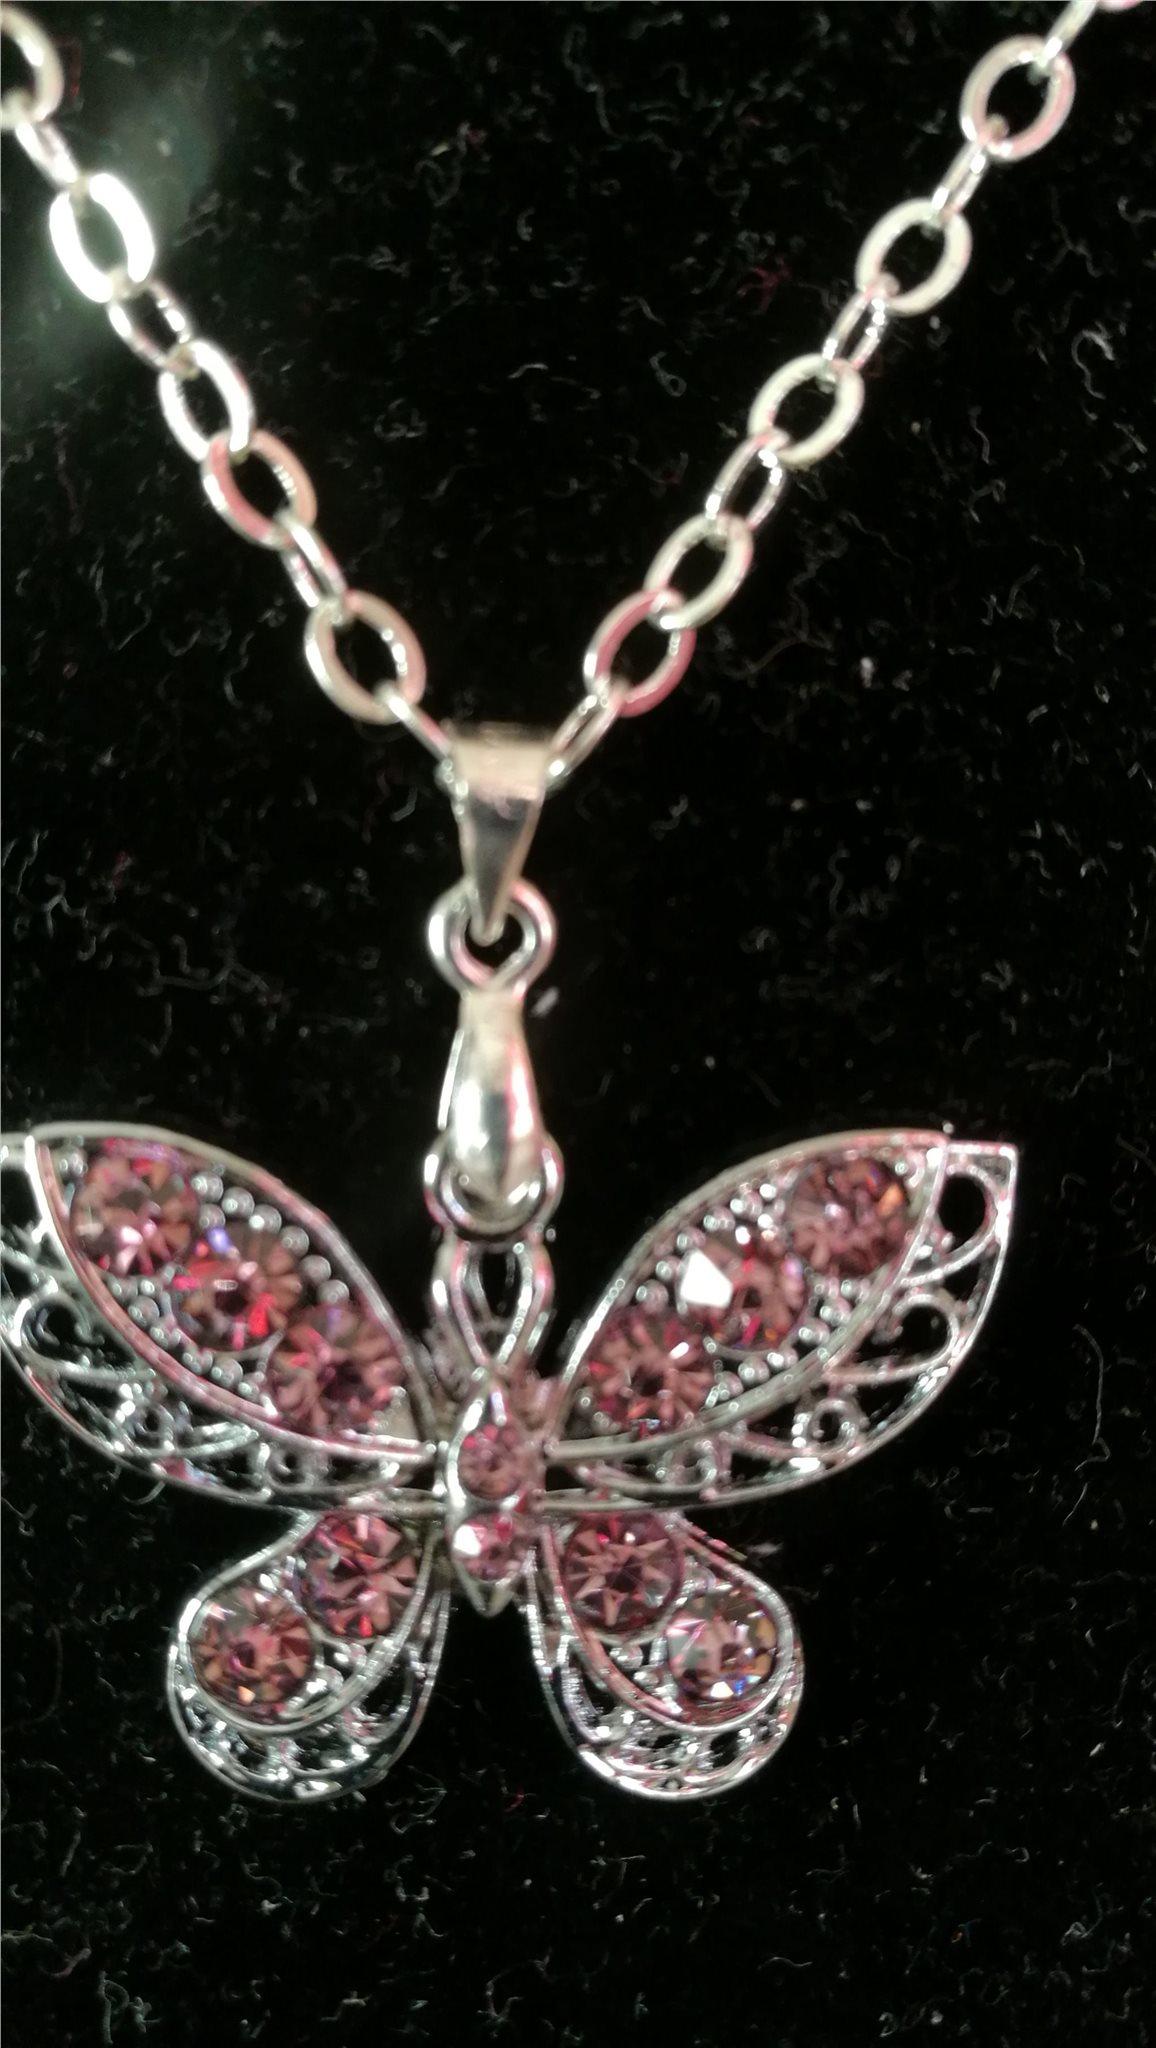 Halsband Fjäril (340658934) ᐈ Köp på Tradera f554b8e4a7186